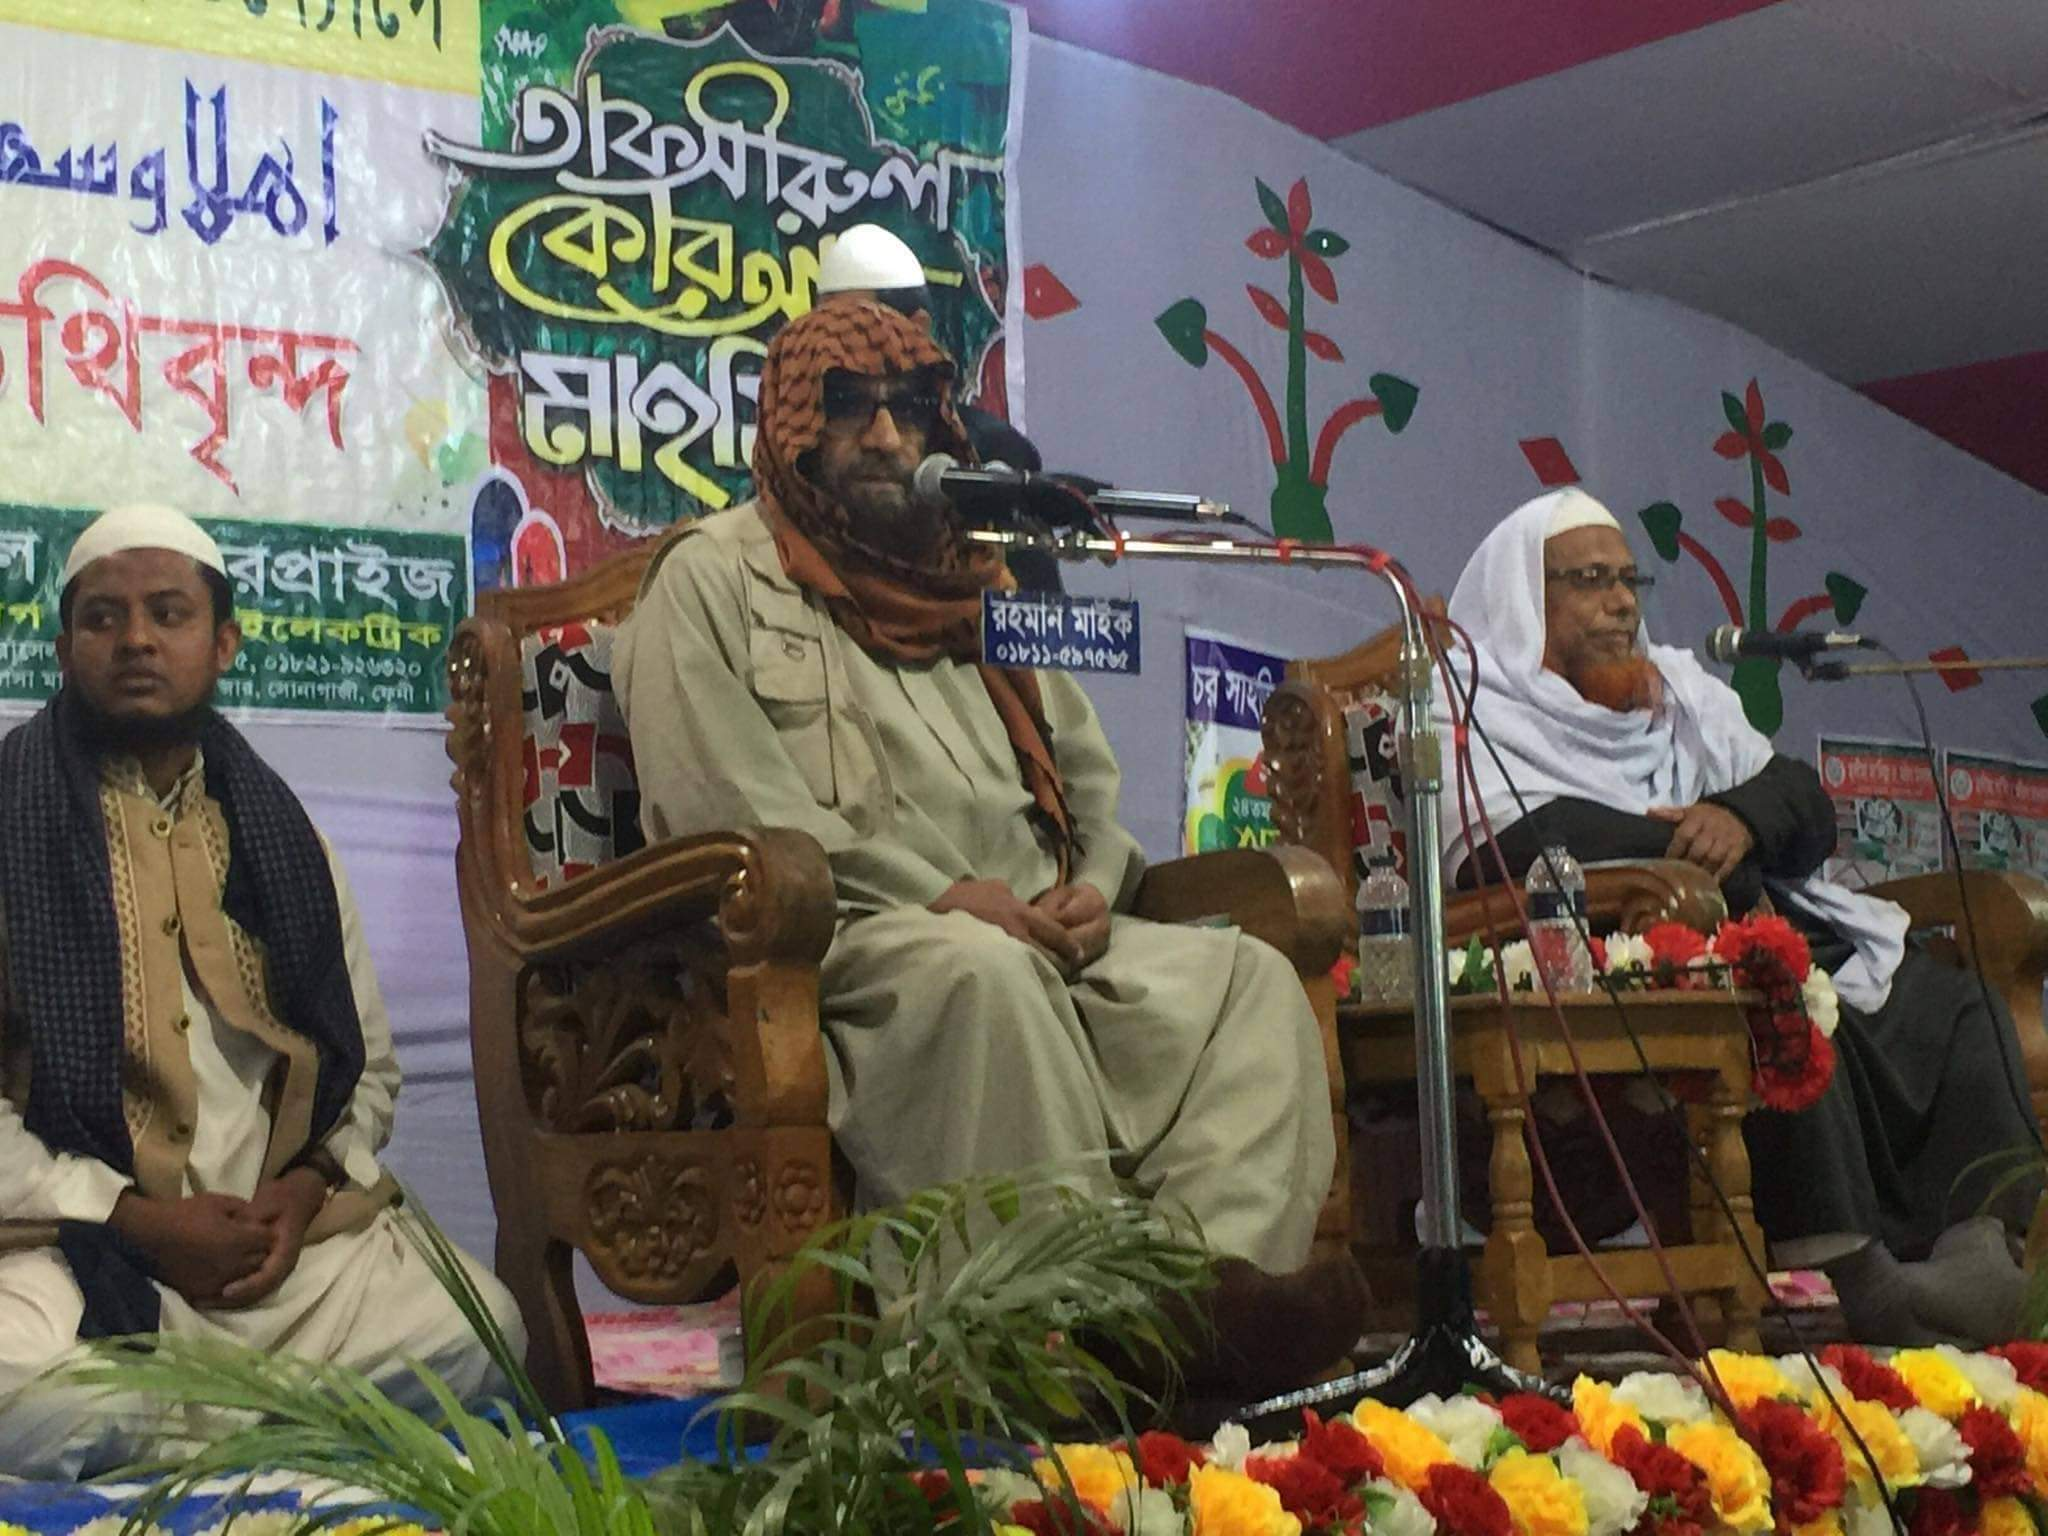 যুব সমাজ ও মোহাম্মদীয়া জামে মসজিদের উদ্যোগে তাফসীরুল কোরআন মাহফিল অনুষ্ঠিত